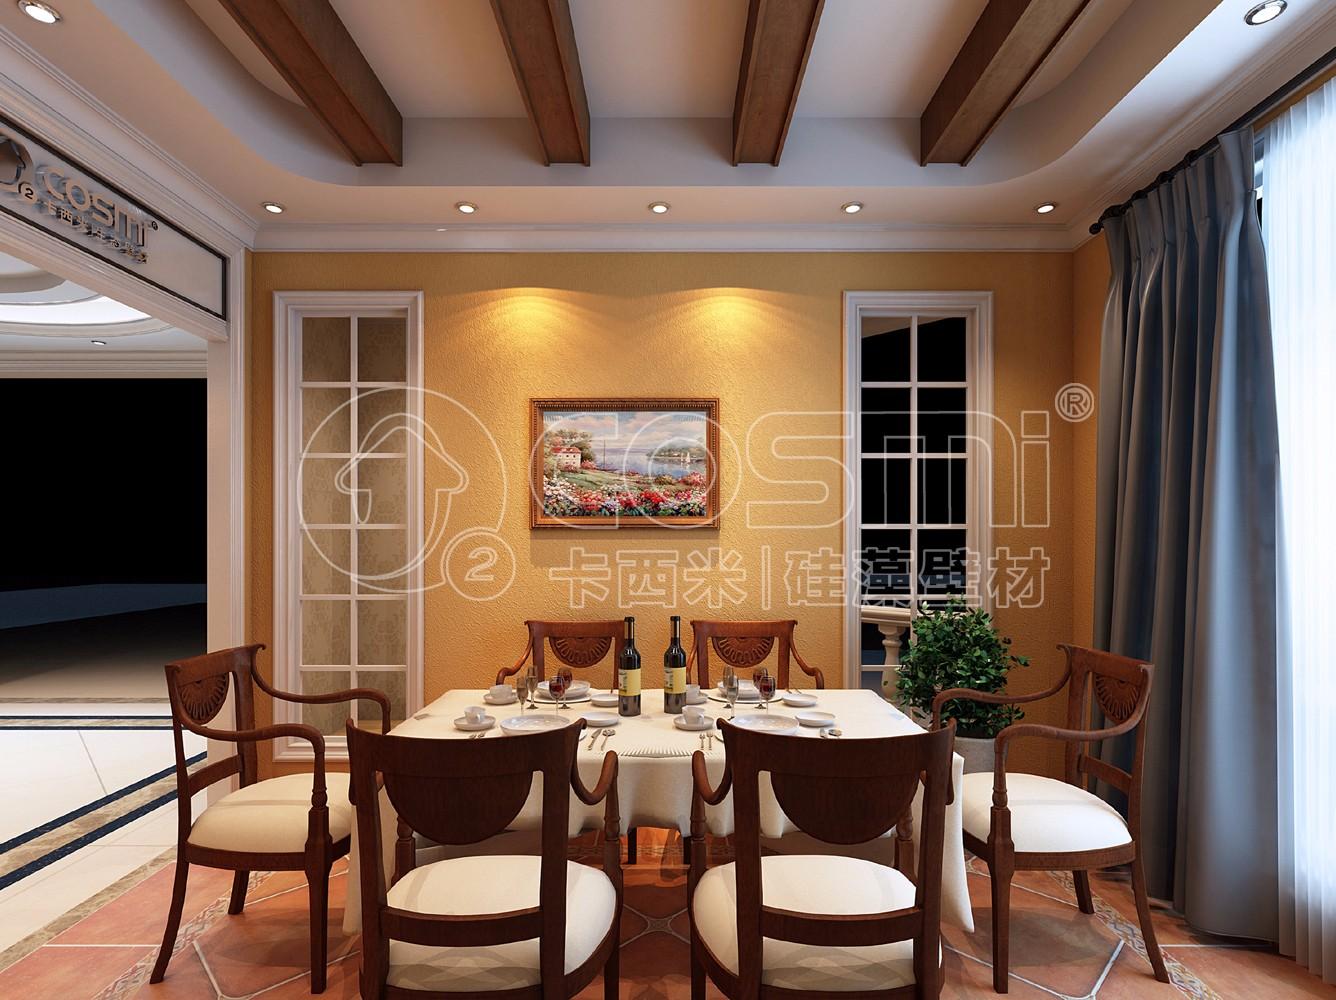 硅藻泥弹涂工艺使墙面有凹凸有致的触觉感受,搭配原始的土黄色,将美式图片